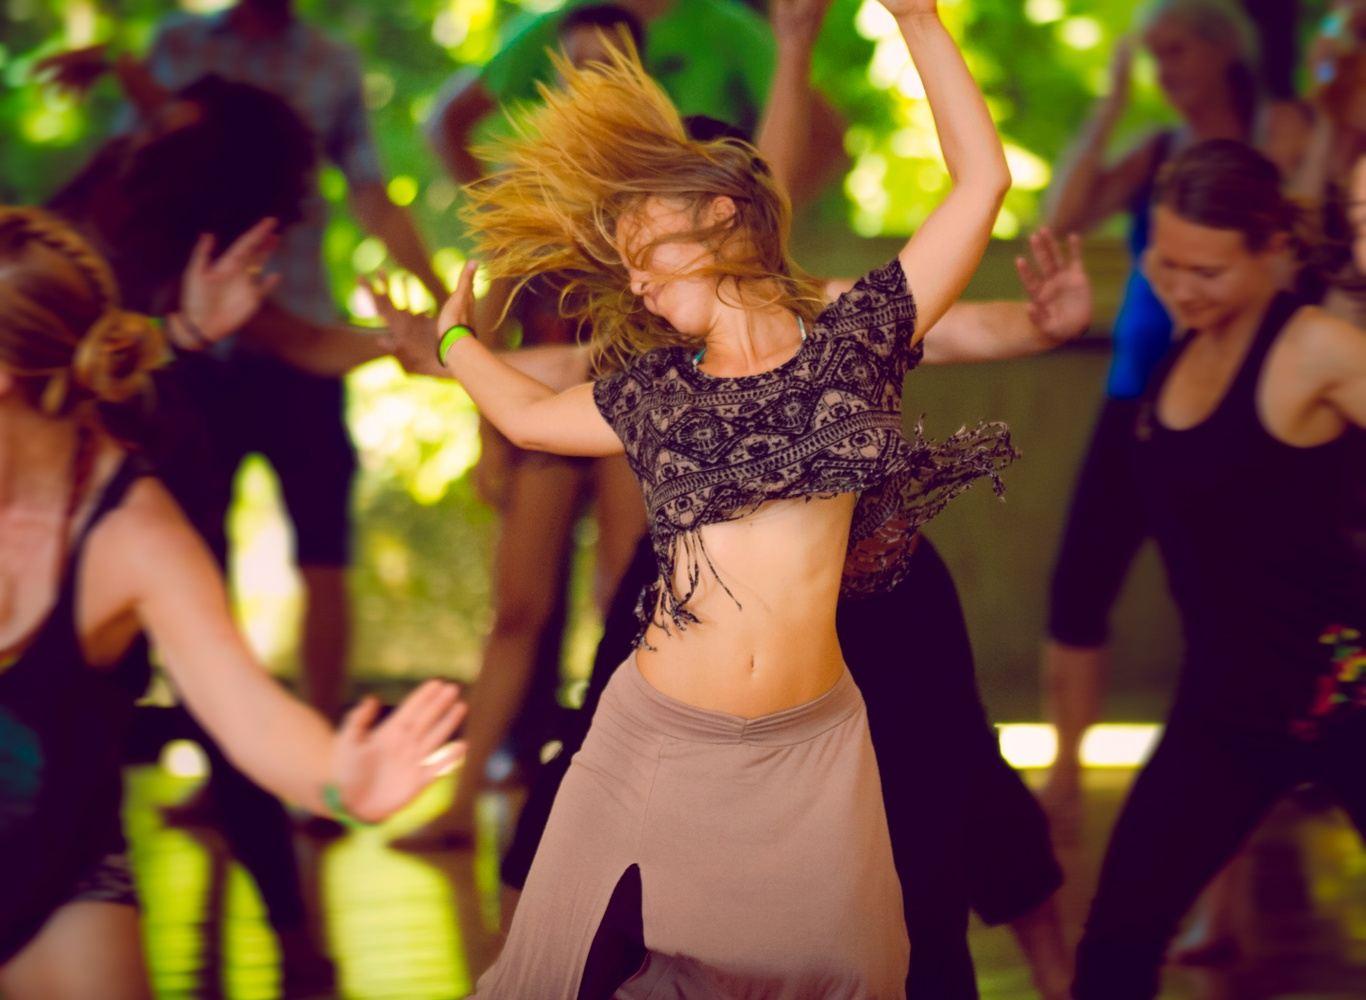 Taller de Ecstatic Dance. Movimientos simples, flujo armonioso, música extática, visualización, energía dinámica y focalización. Sanación y transformación.